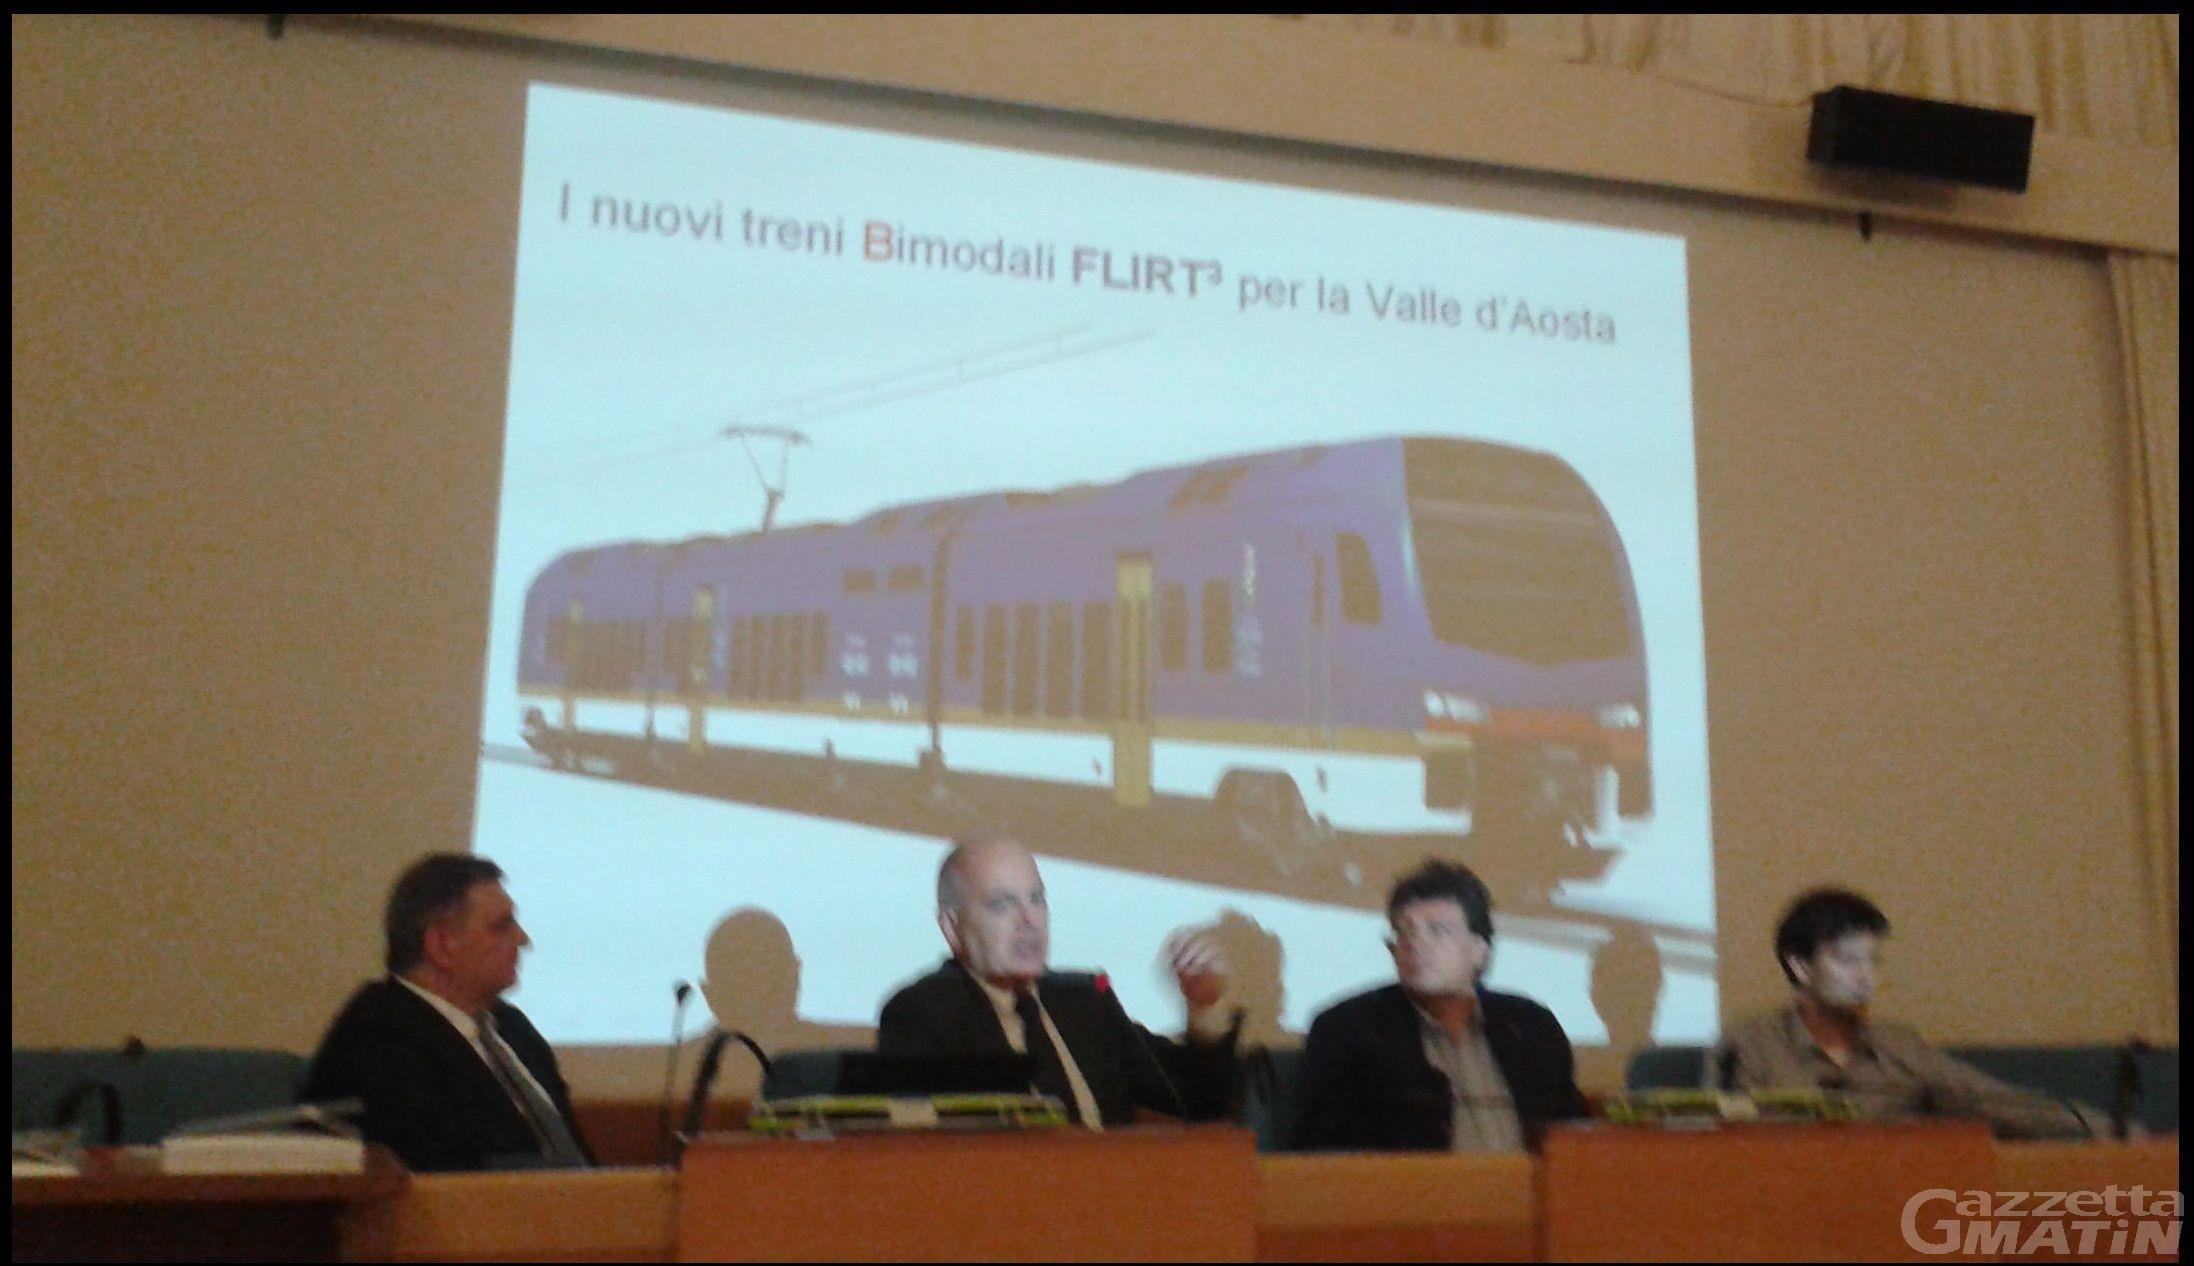 Trasporti: si chiama Flirt3 il nuovo treno bimodale per la Valle d'Aosta